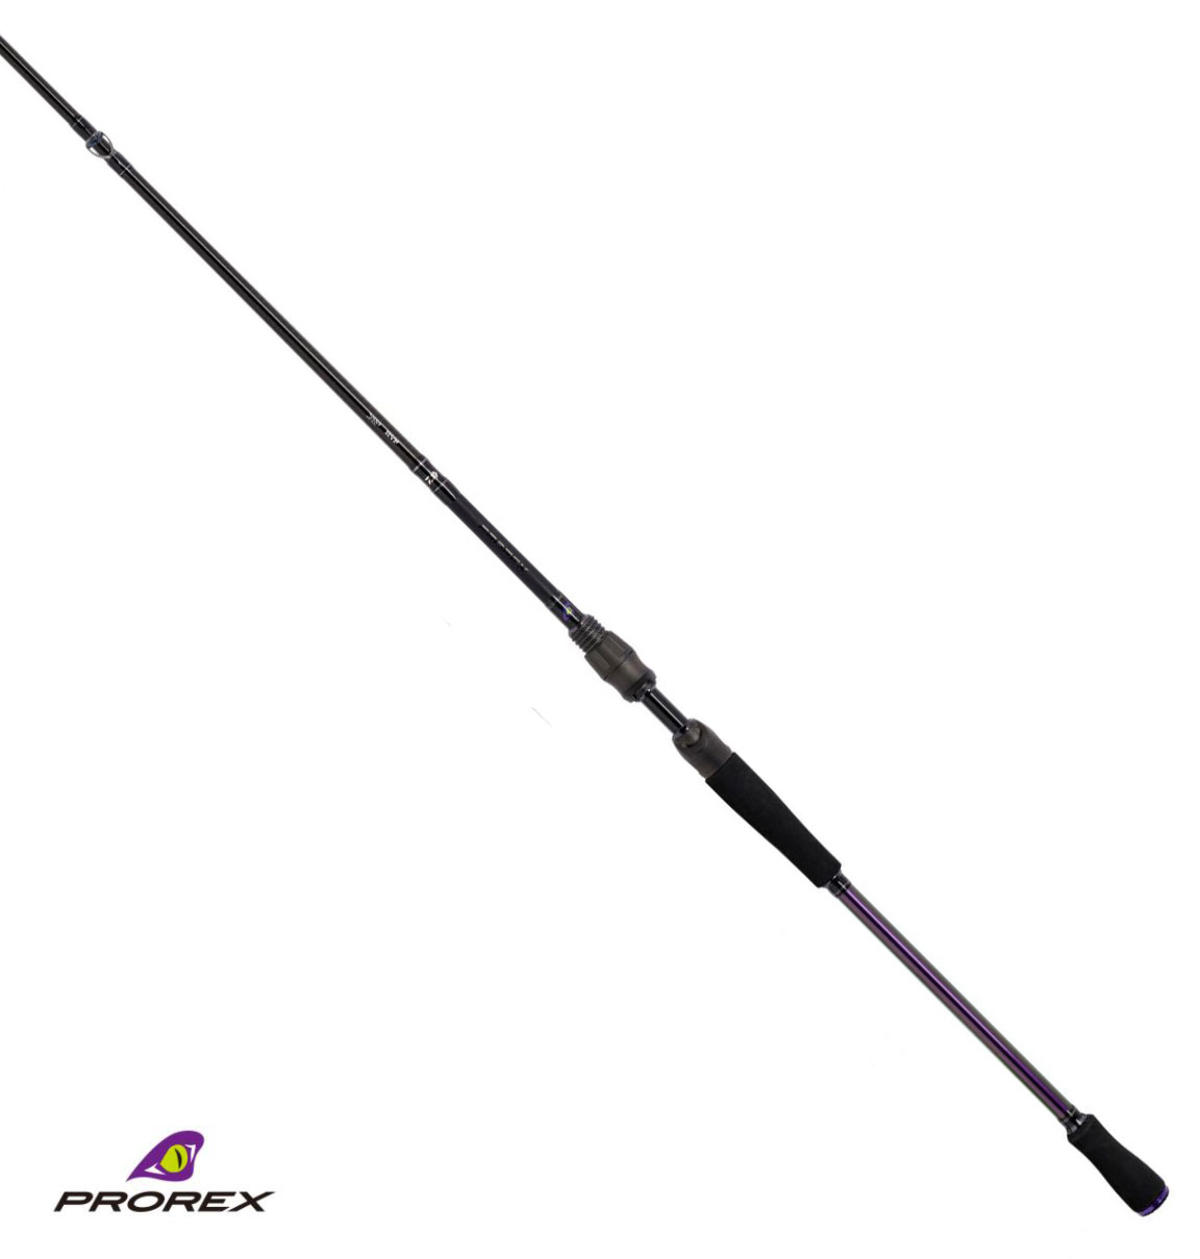 New Daiwa Prorex X Baitcast Rod 6'6' / 50-150g / 1pc - PXE661HJB-AS